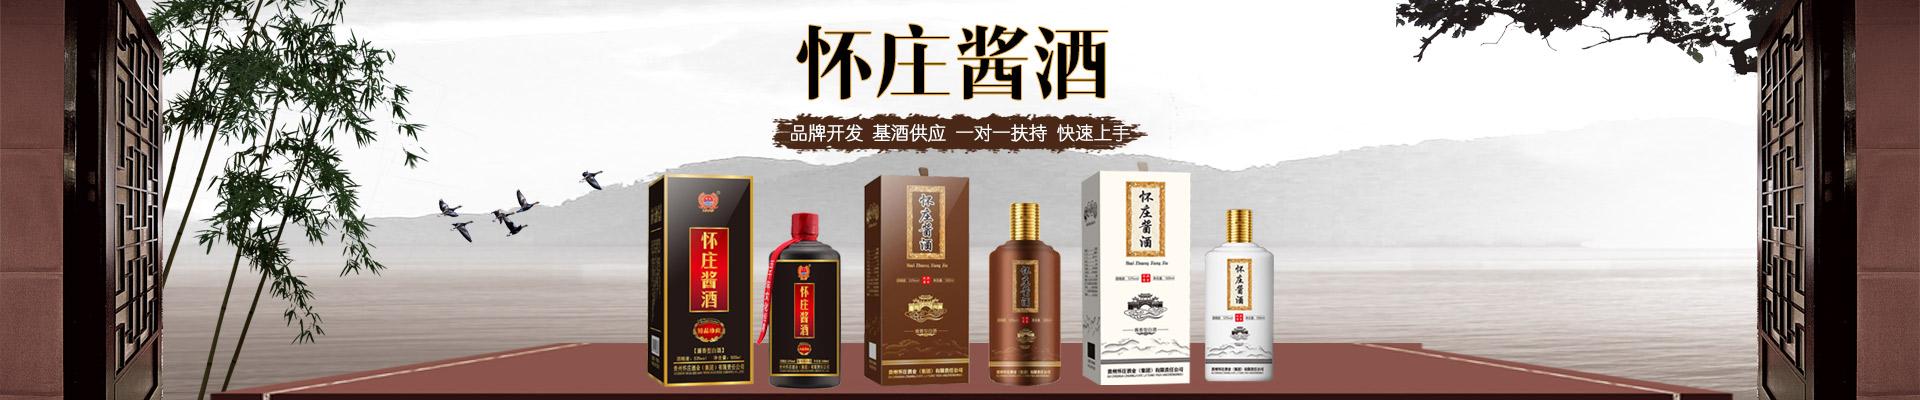 贵州怀庄酒业集团OEM贴牌